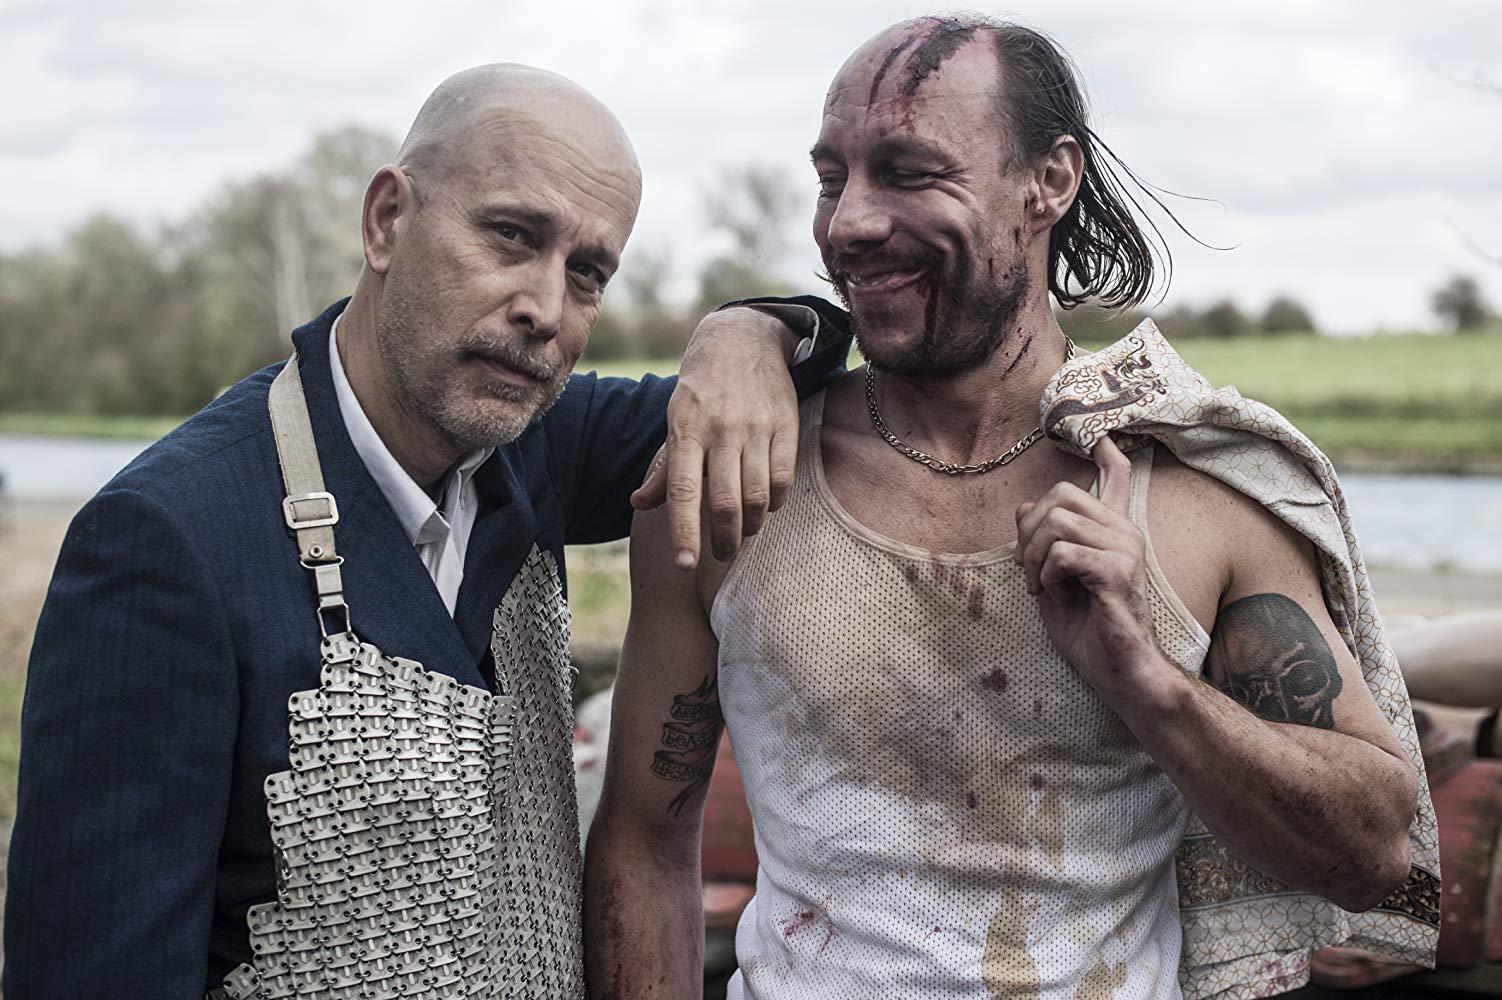 Le réalisateur Marco Laguna sur le tournage en compagnie de l'un de ses acteurs.